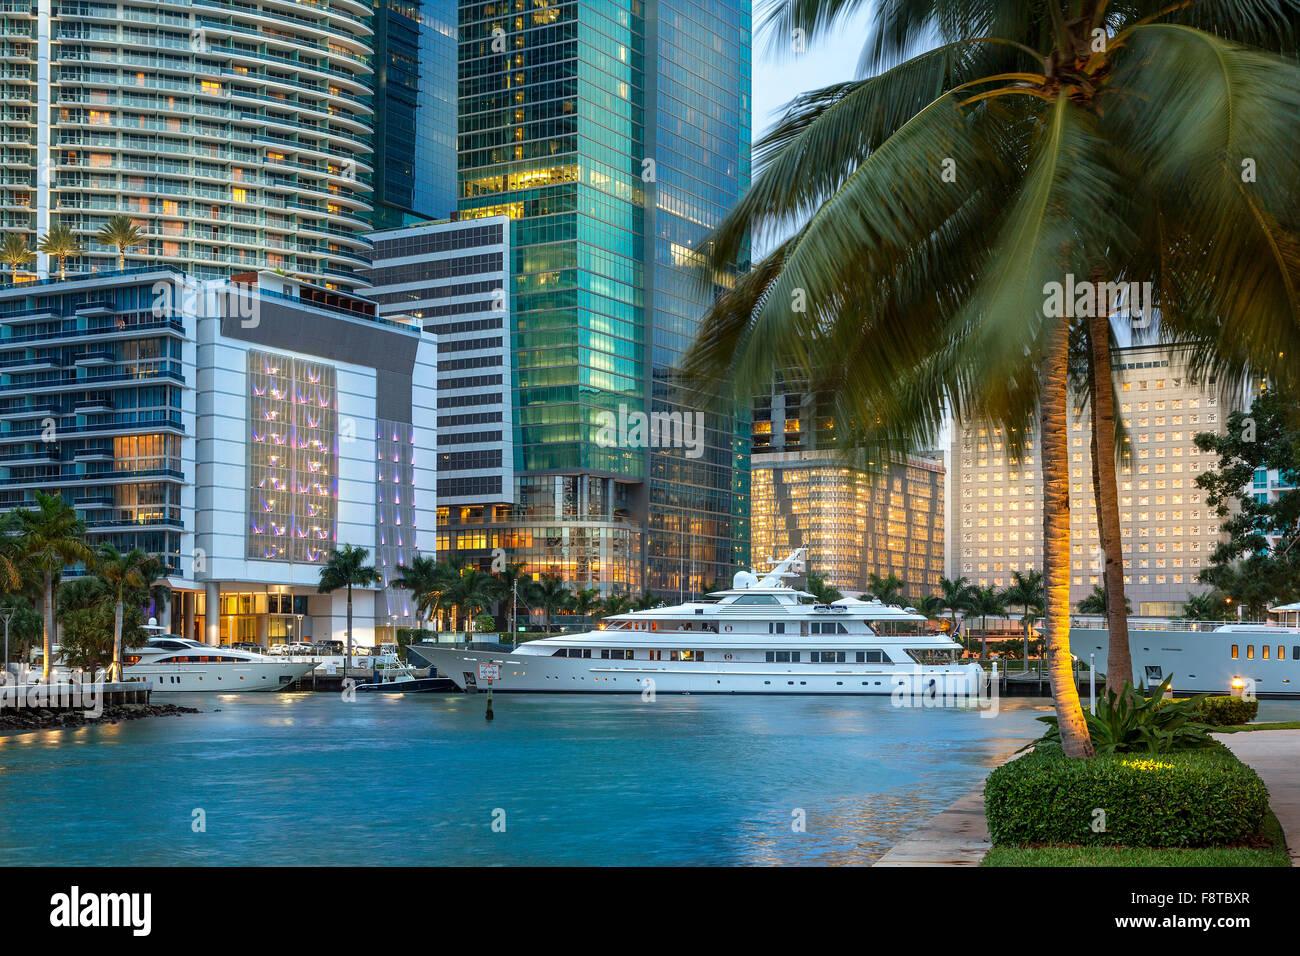 Stati Uniti d'America, Florida, il centro cittadino di Miami. Immagini Stock